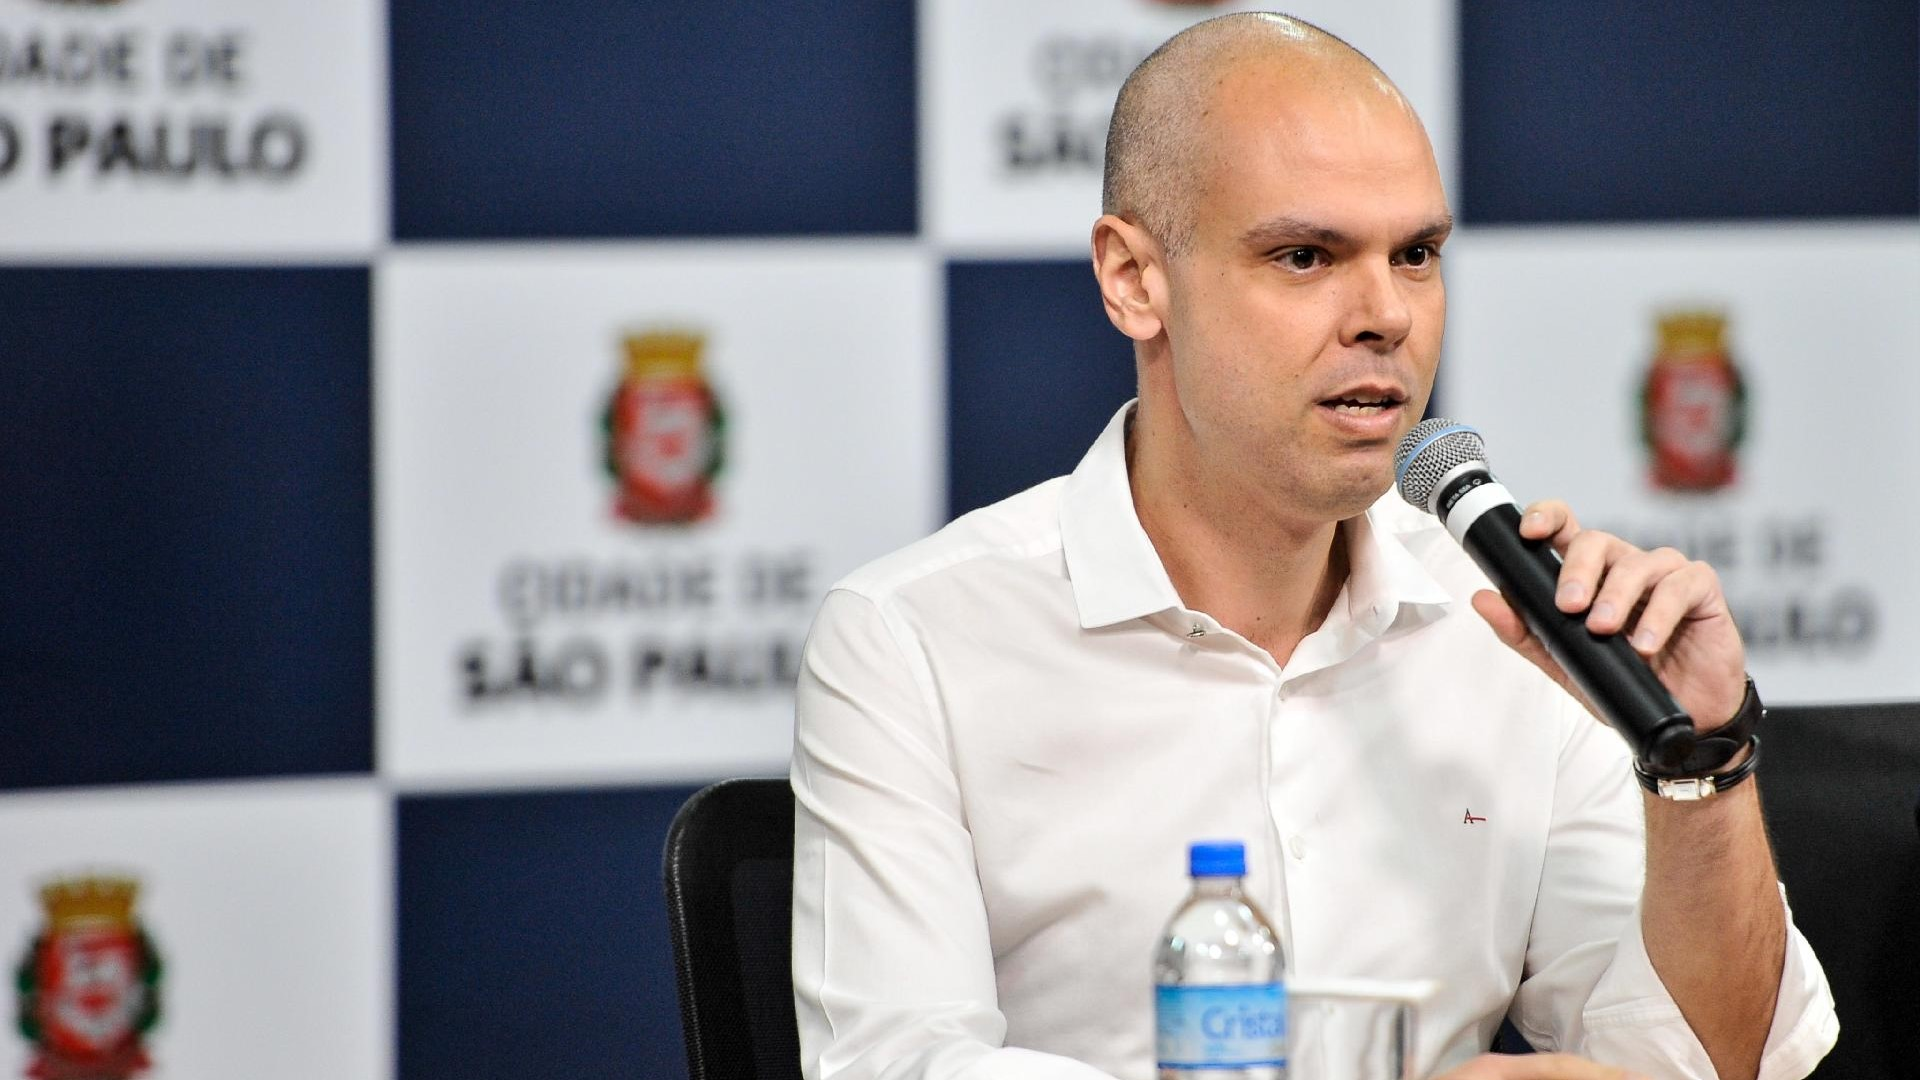 Foto do bruno covas, prefeito de são paulo, que assinou decreto para home office permanente